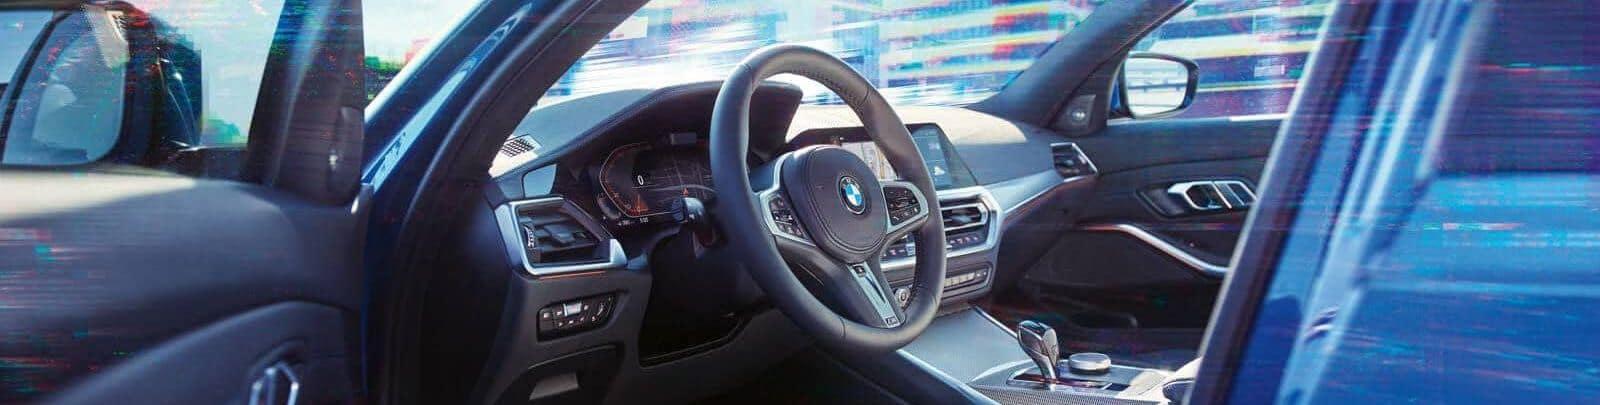 BMW 3 Series Steering Wheel